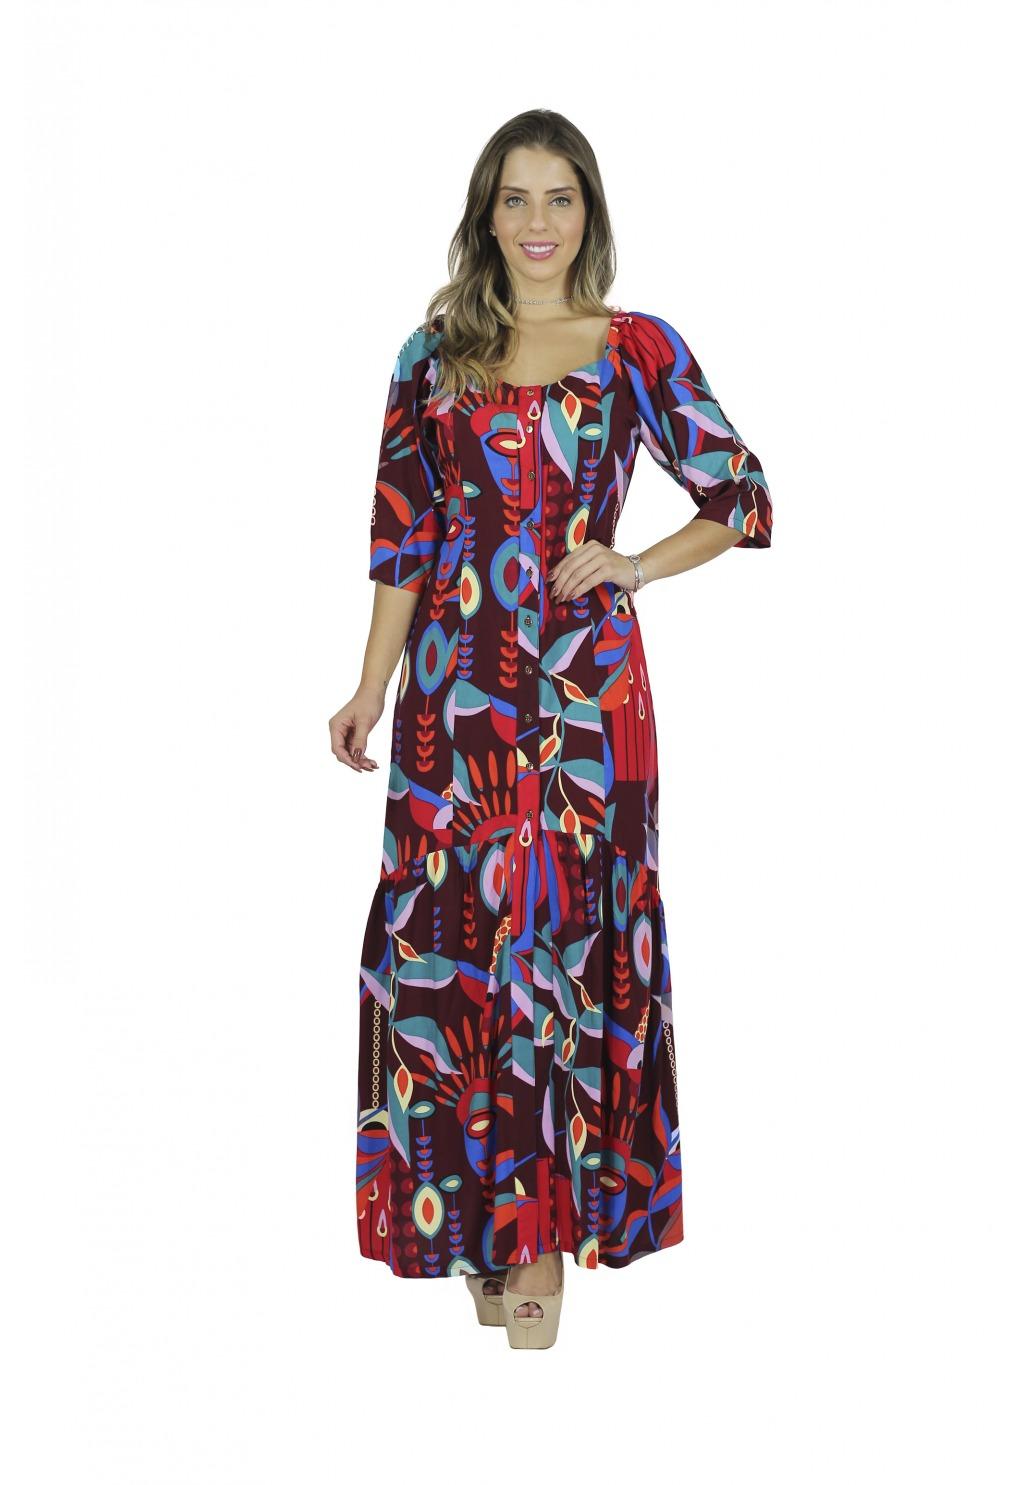 Vestido Mamorena longo estampado com manga franzida